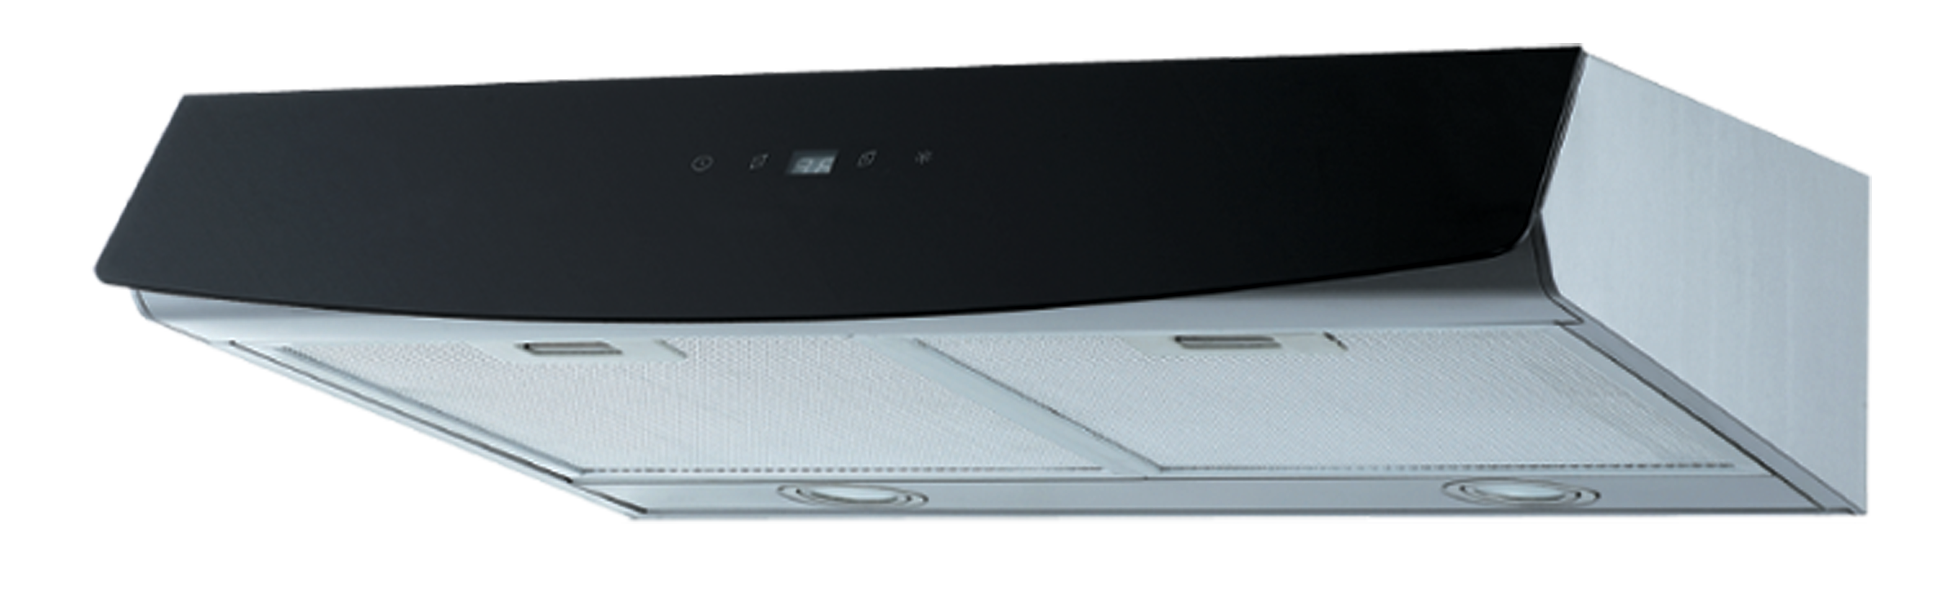 เครื่องดูดควัน Tecnogas รุ่นTNP HD 60 DGGS